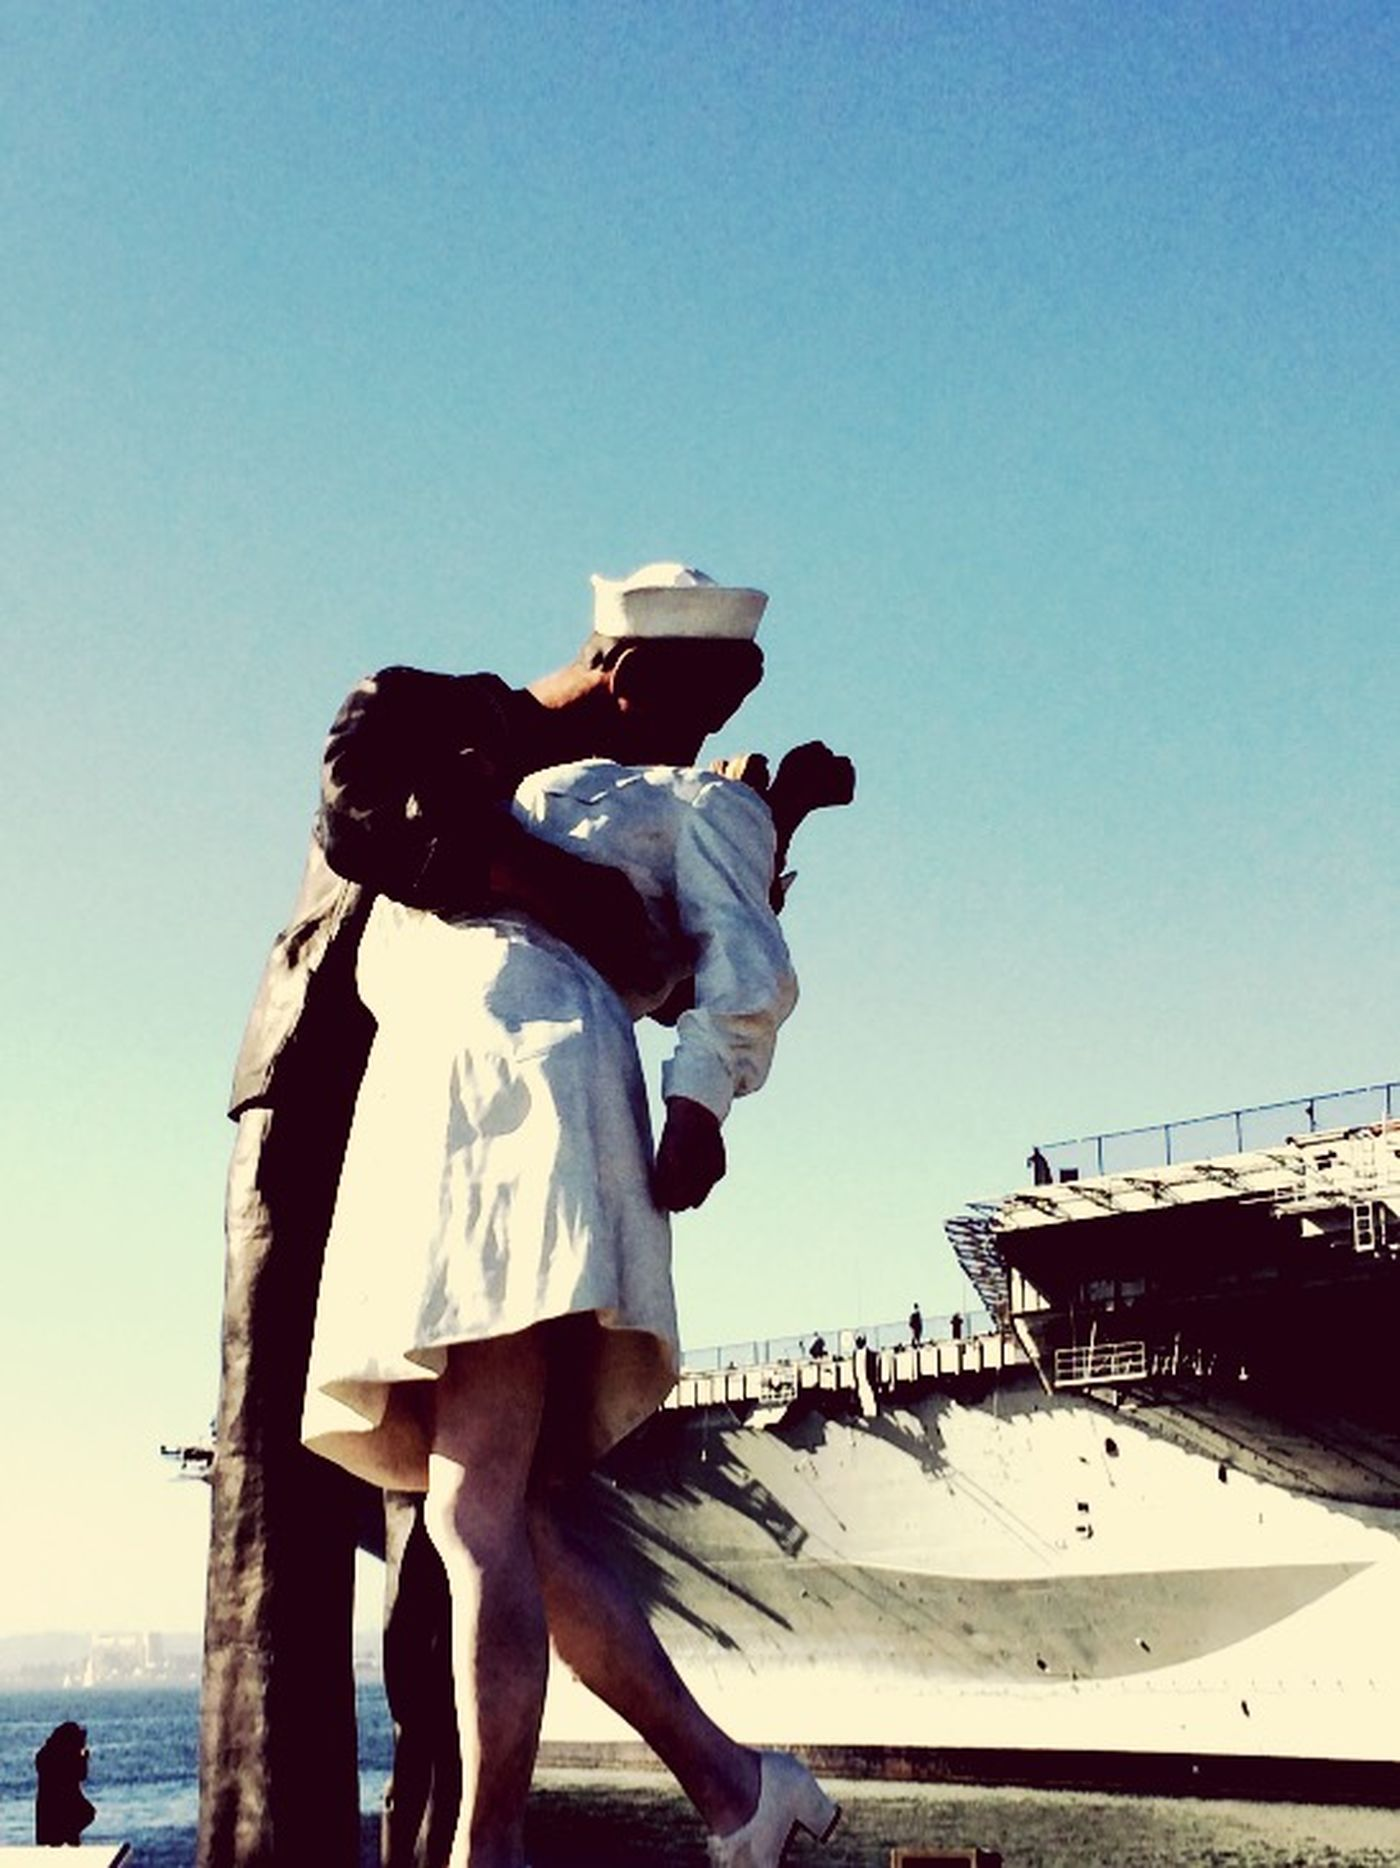 Besos Sailor Nurse Sailor's Life Navy San Diego USS Midway  California